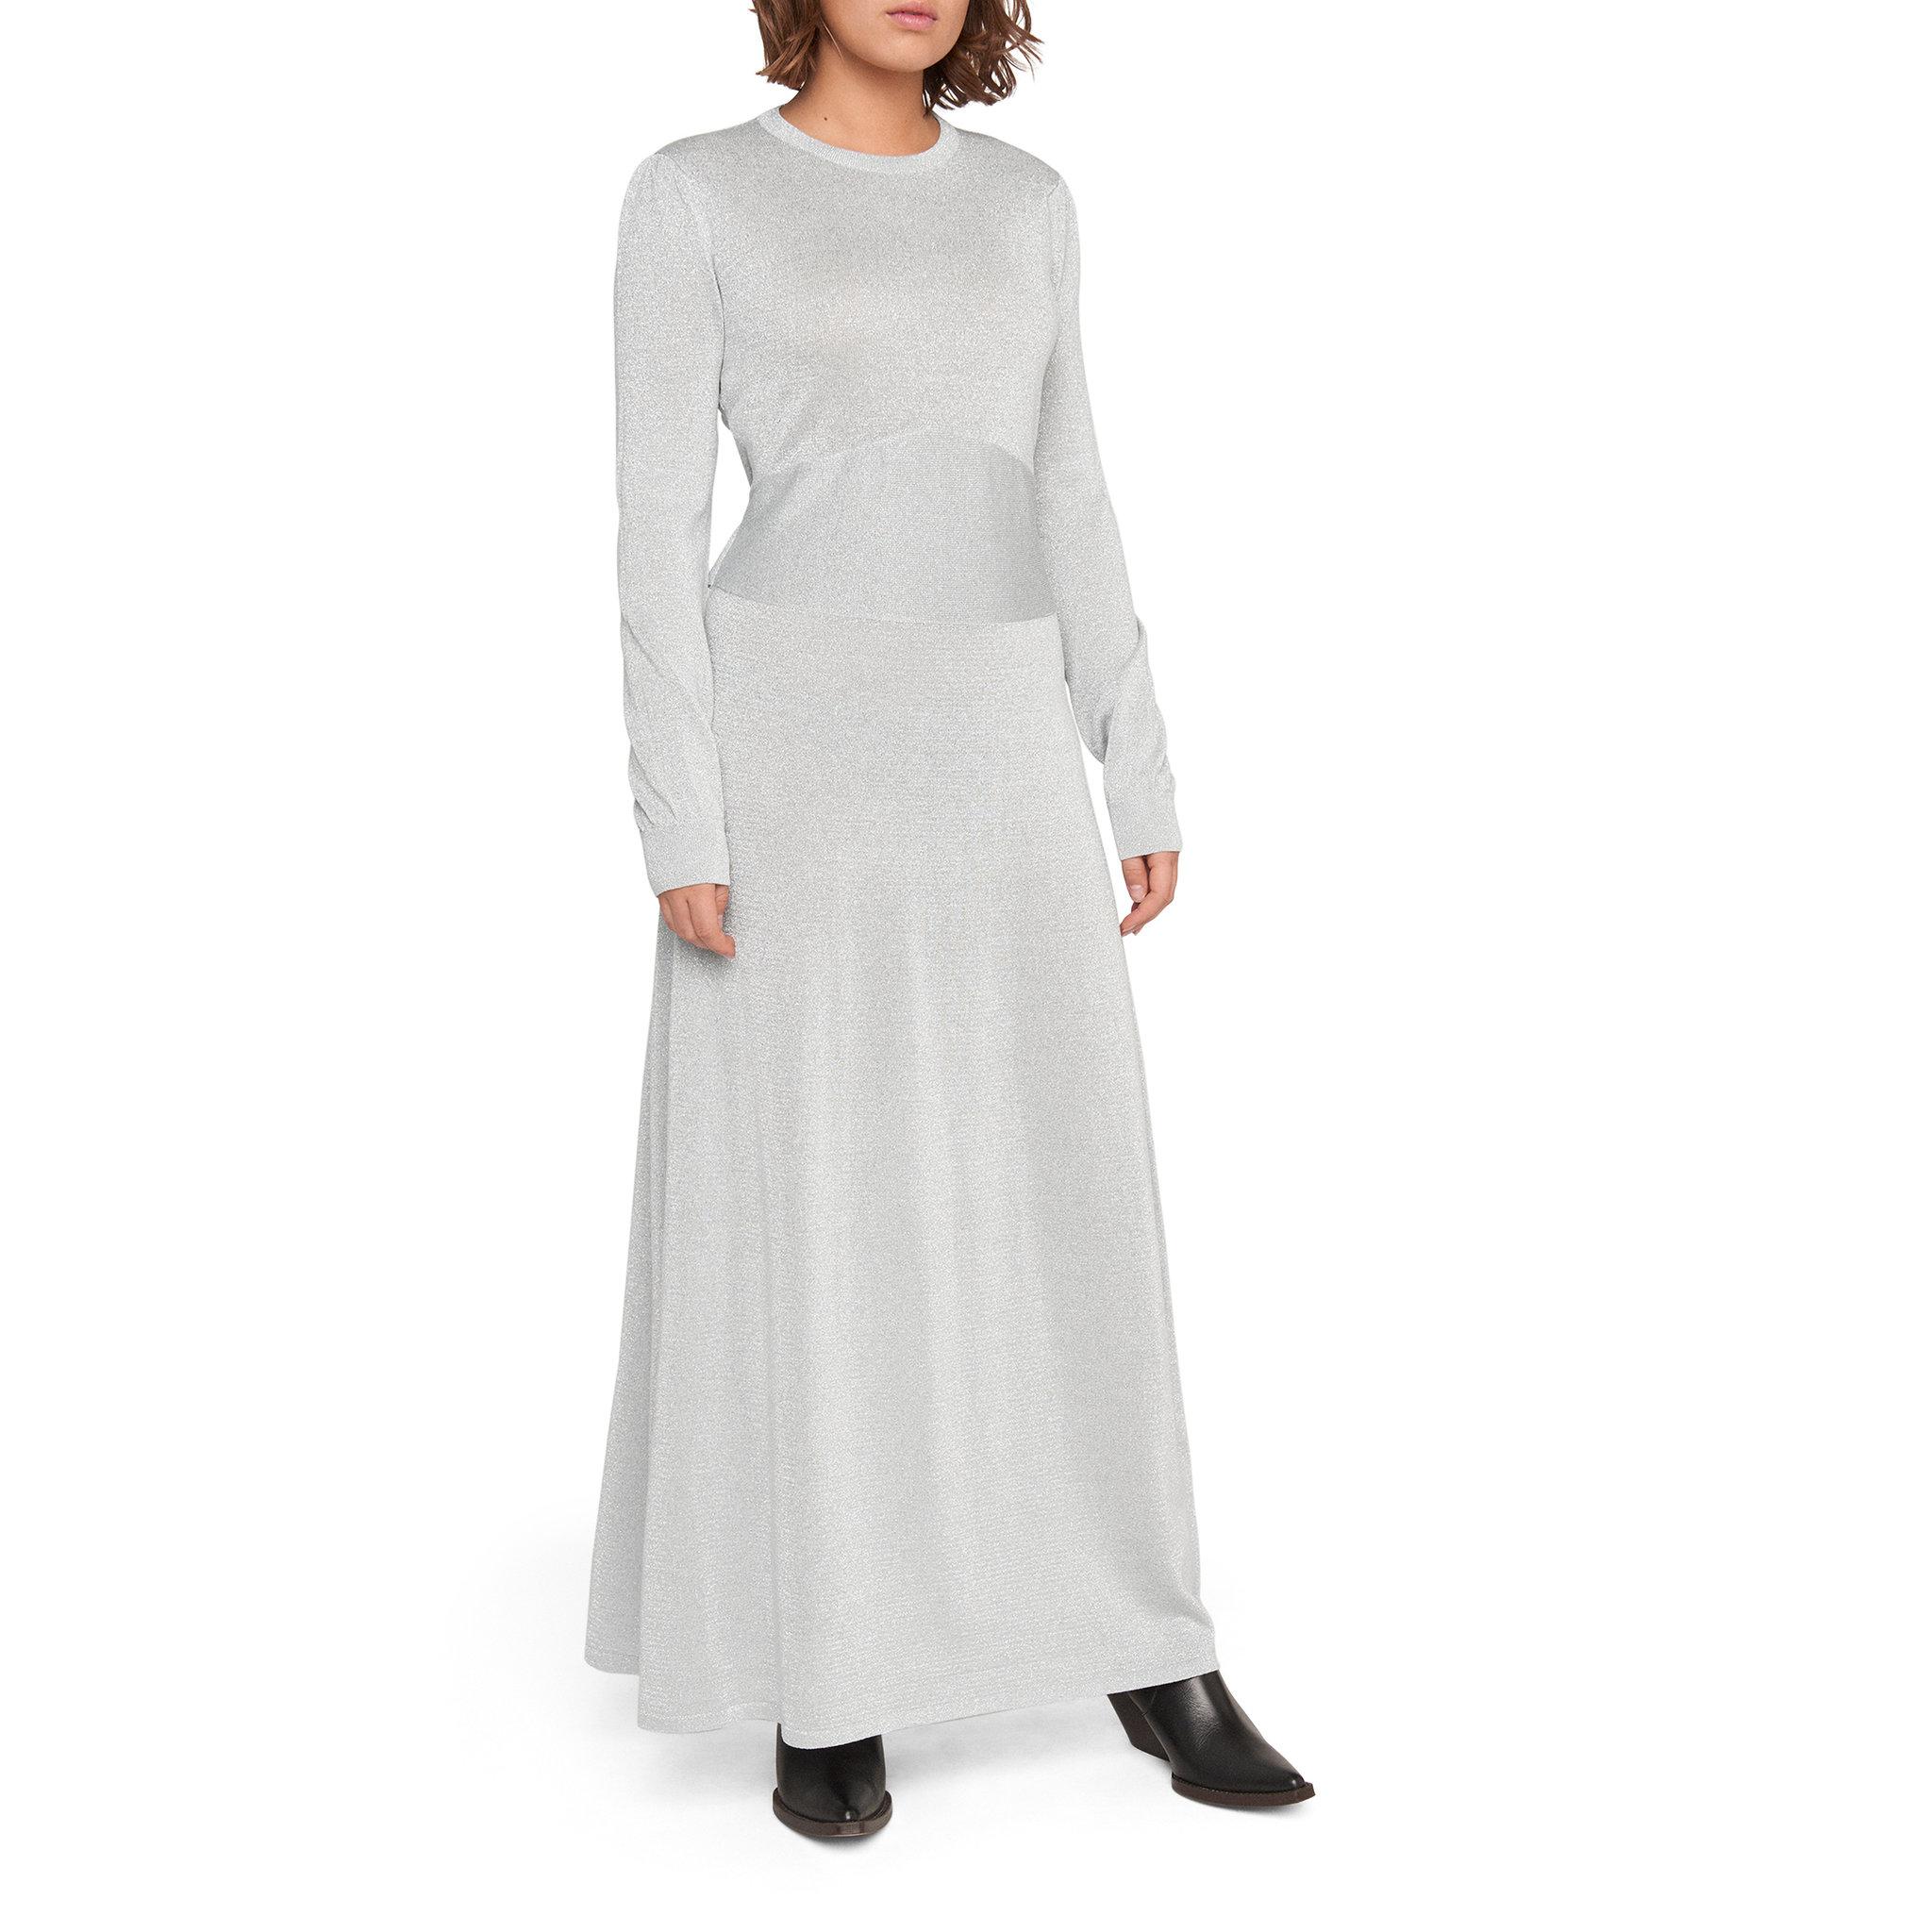 39847681f751 Klänning Emmy - Långklänningar - Köp online på åhlens.se!